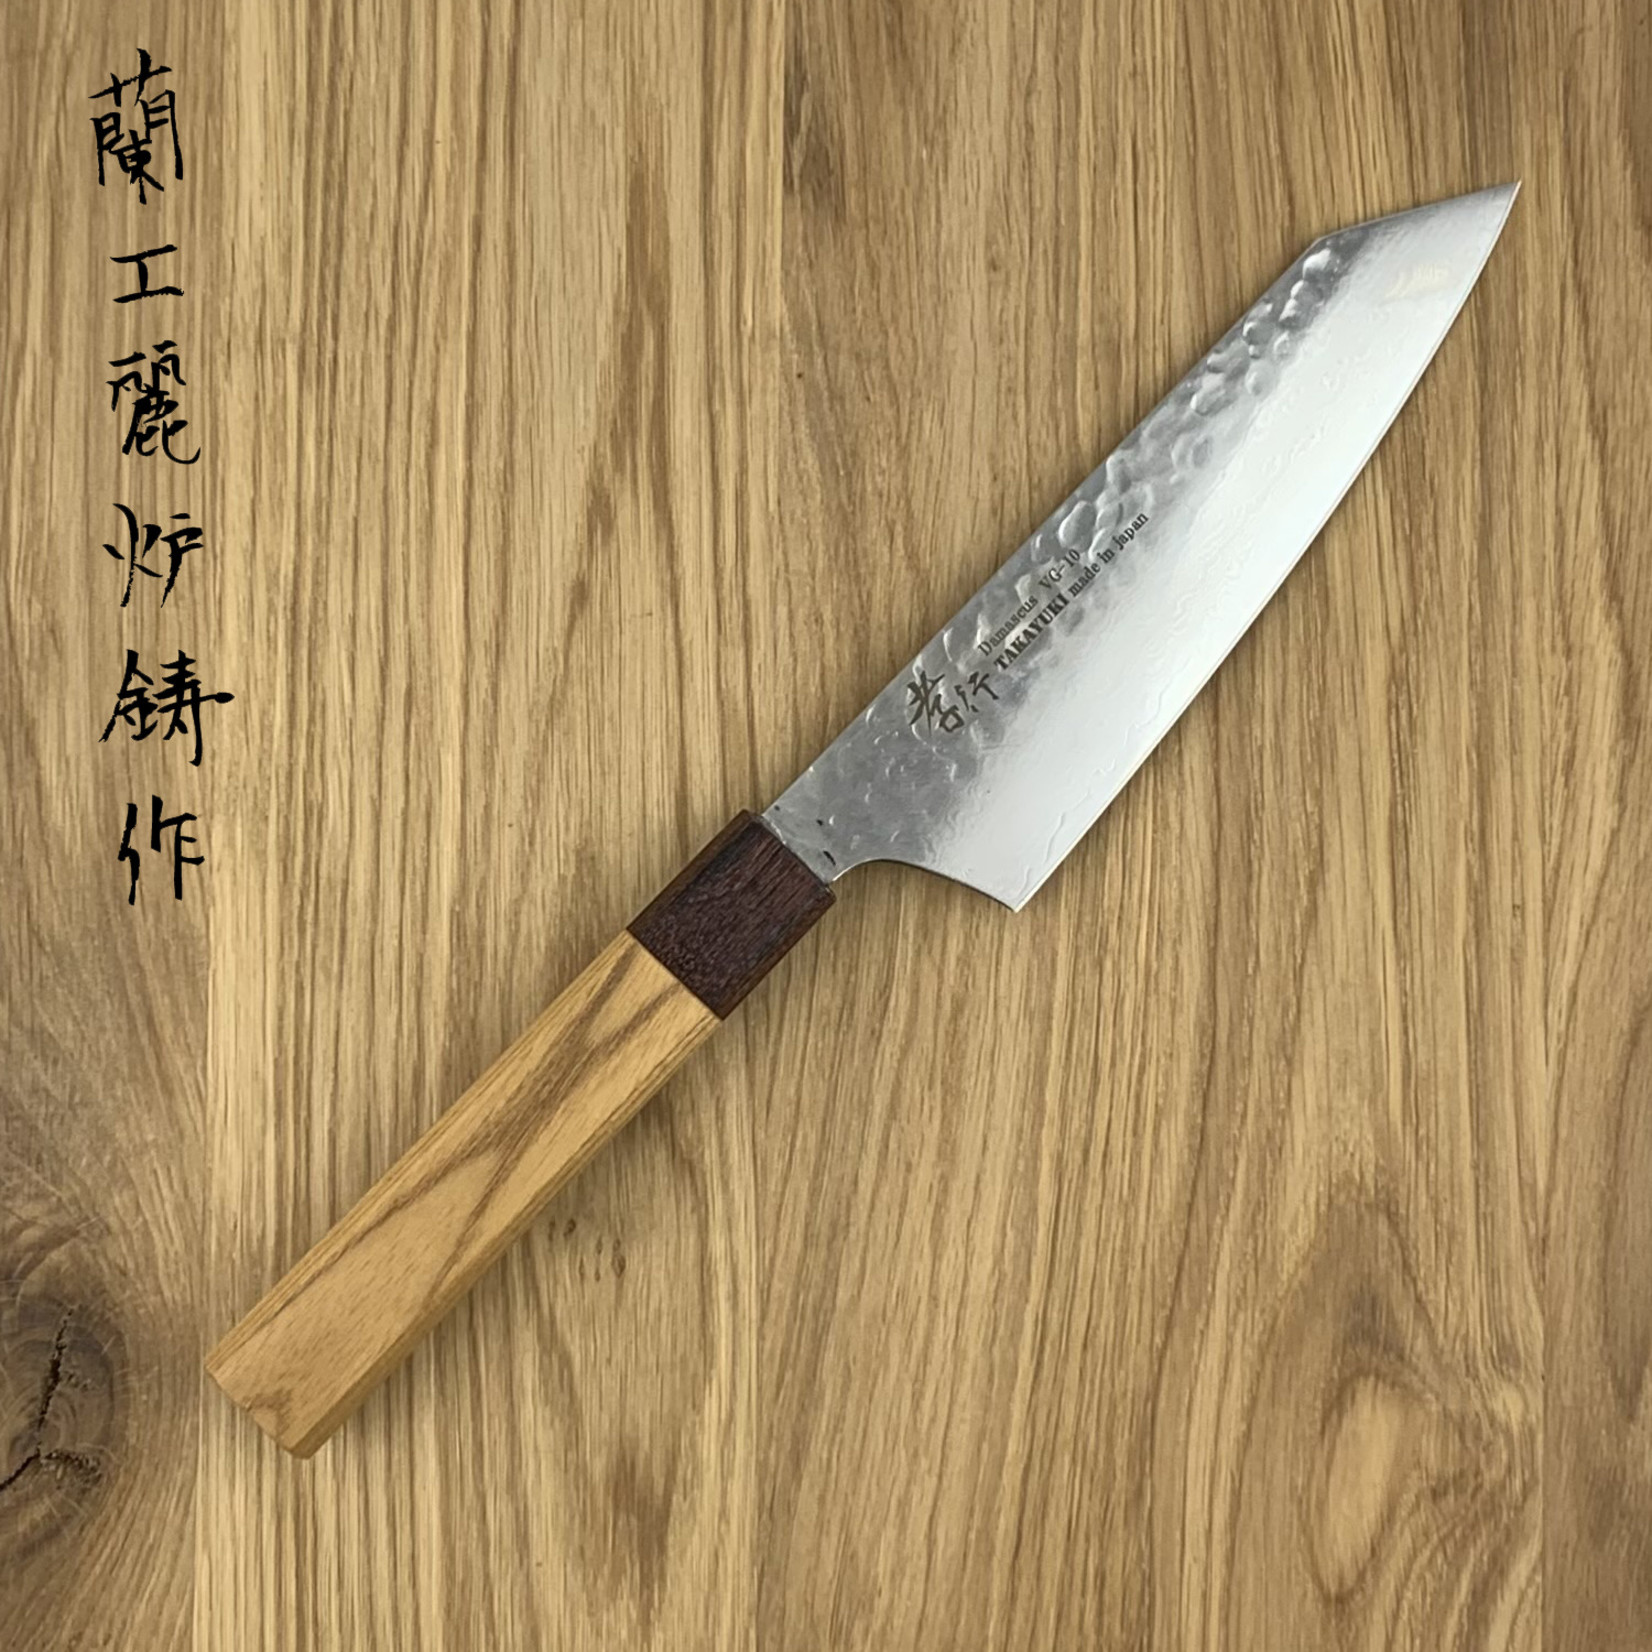 SAKAI TAKAYUKI 33 layers hammered Kengata 160 mm Zelkova Japanese handle  07479